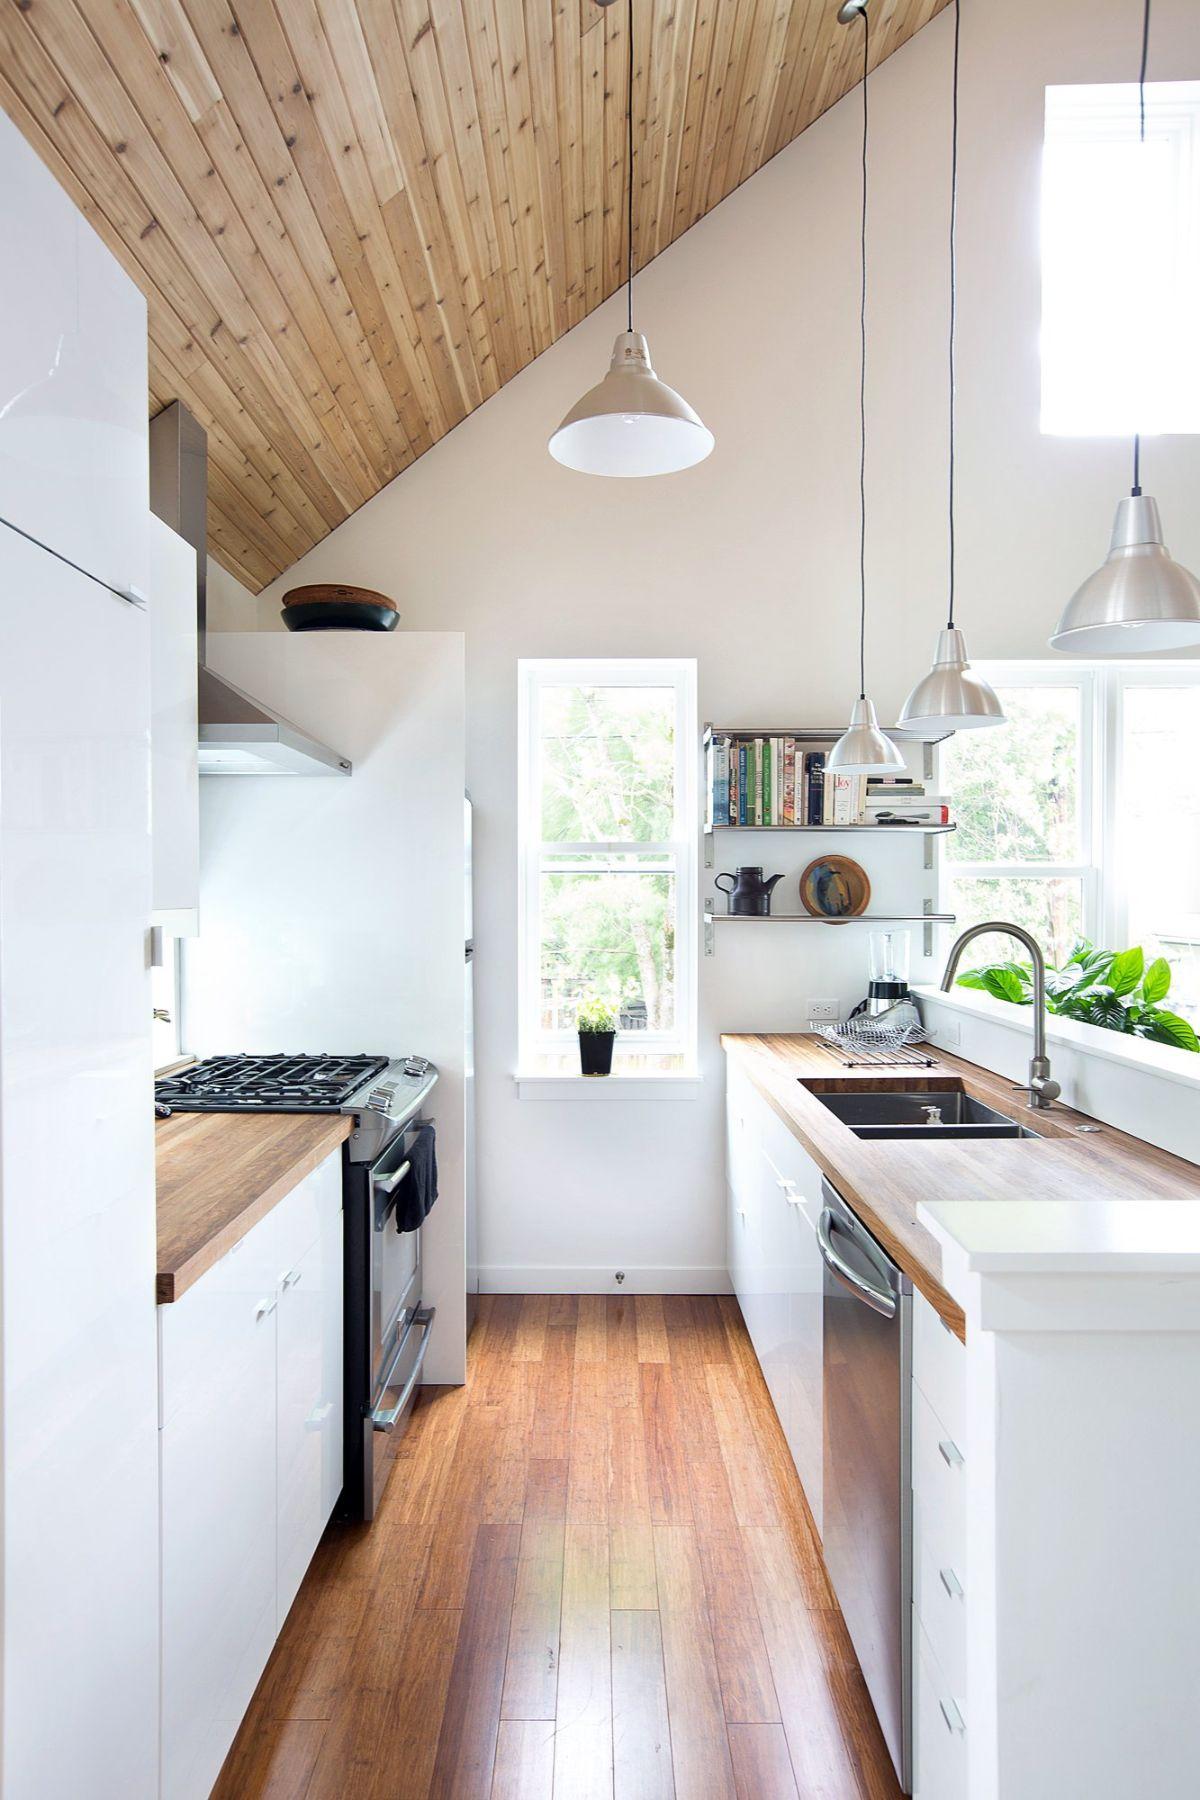 дизайн узкой кухни в скандинавском стиле в мансарде